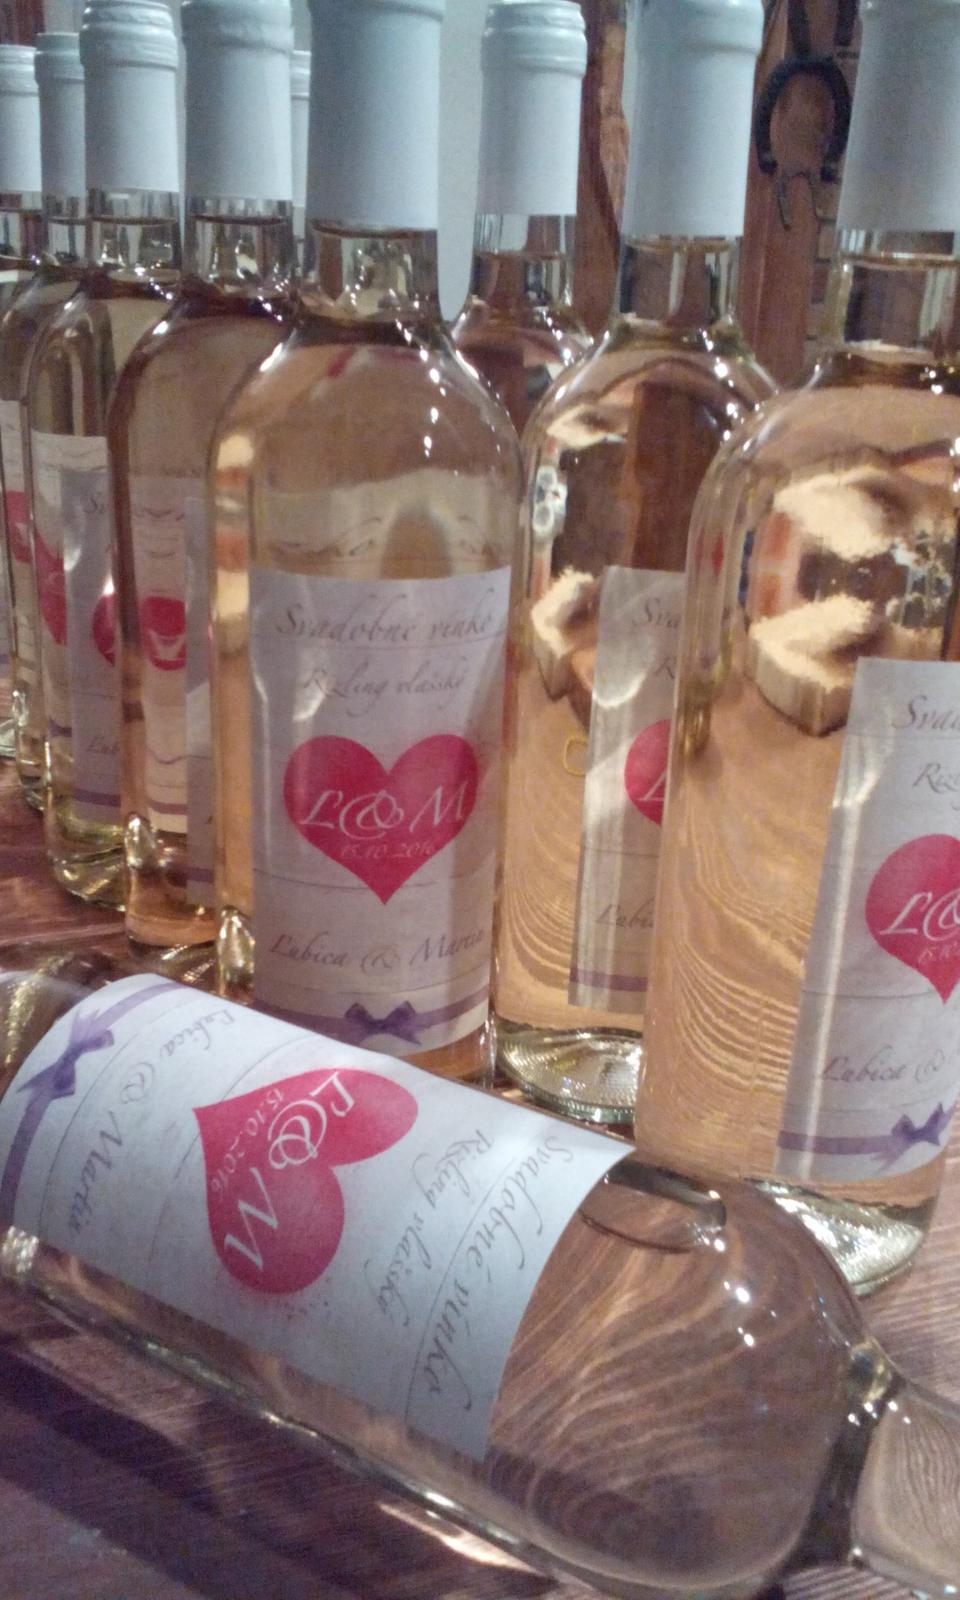 vinomaravilla - Elegantný dizajn a zároveň jednoduché prevedenie etikety